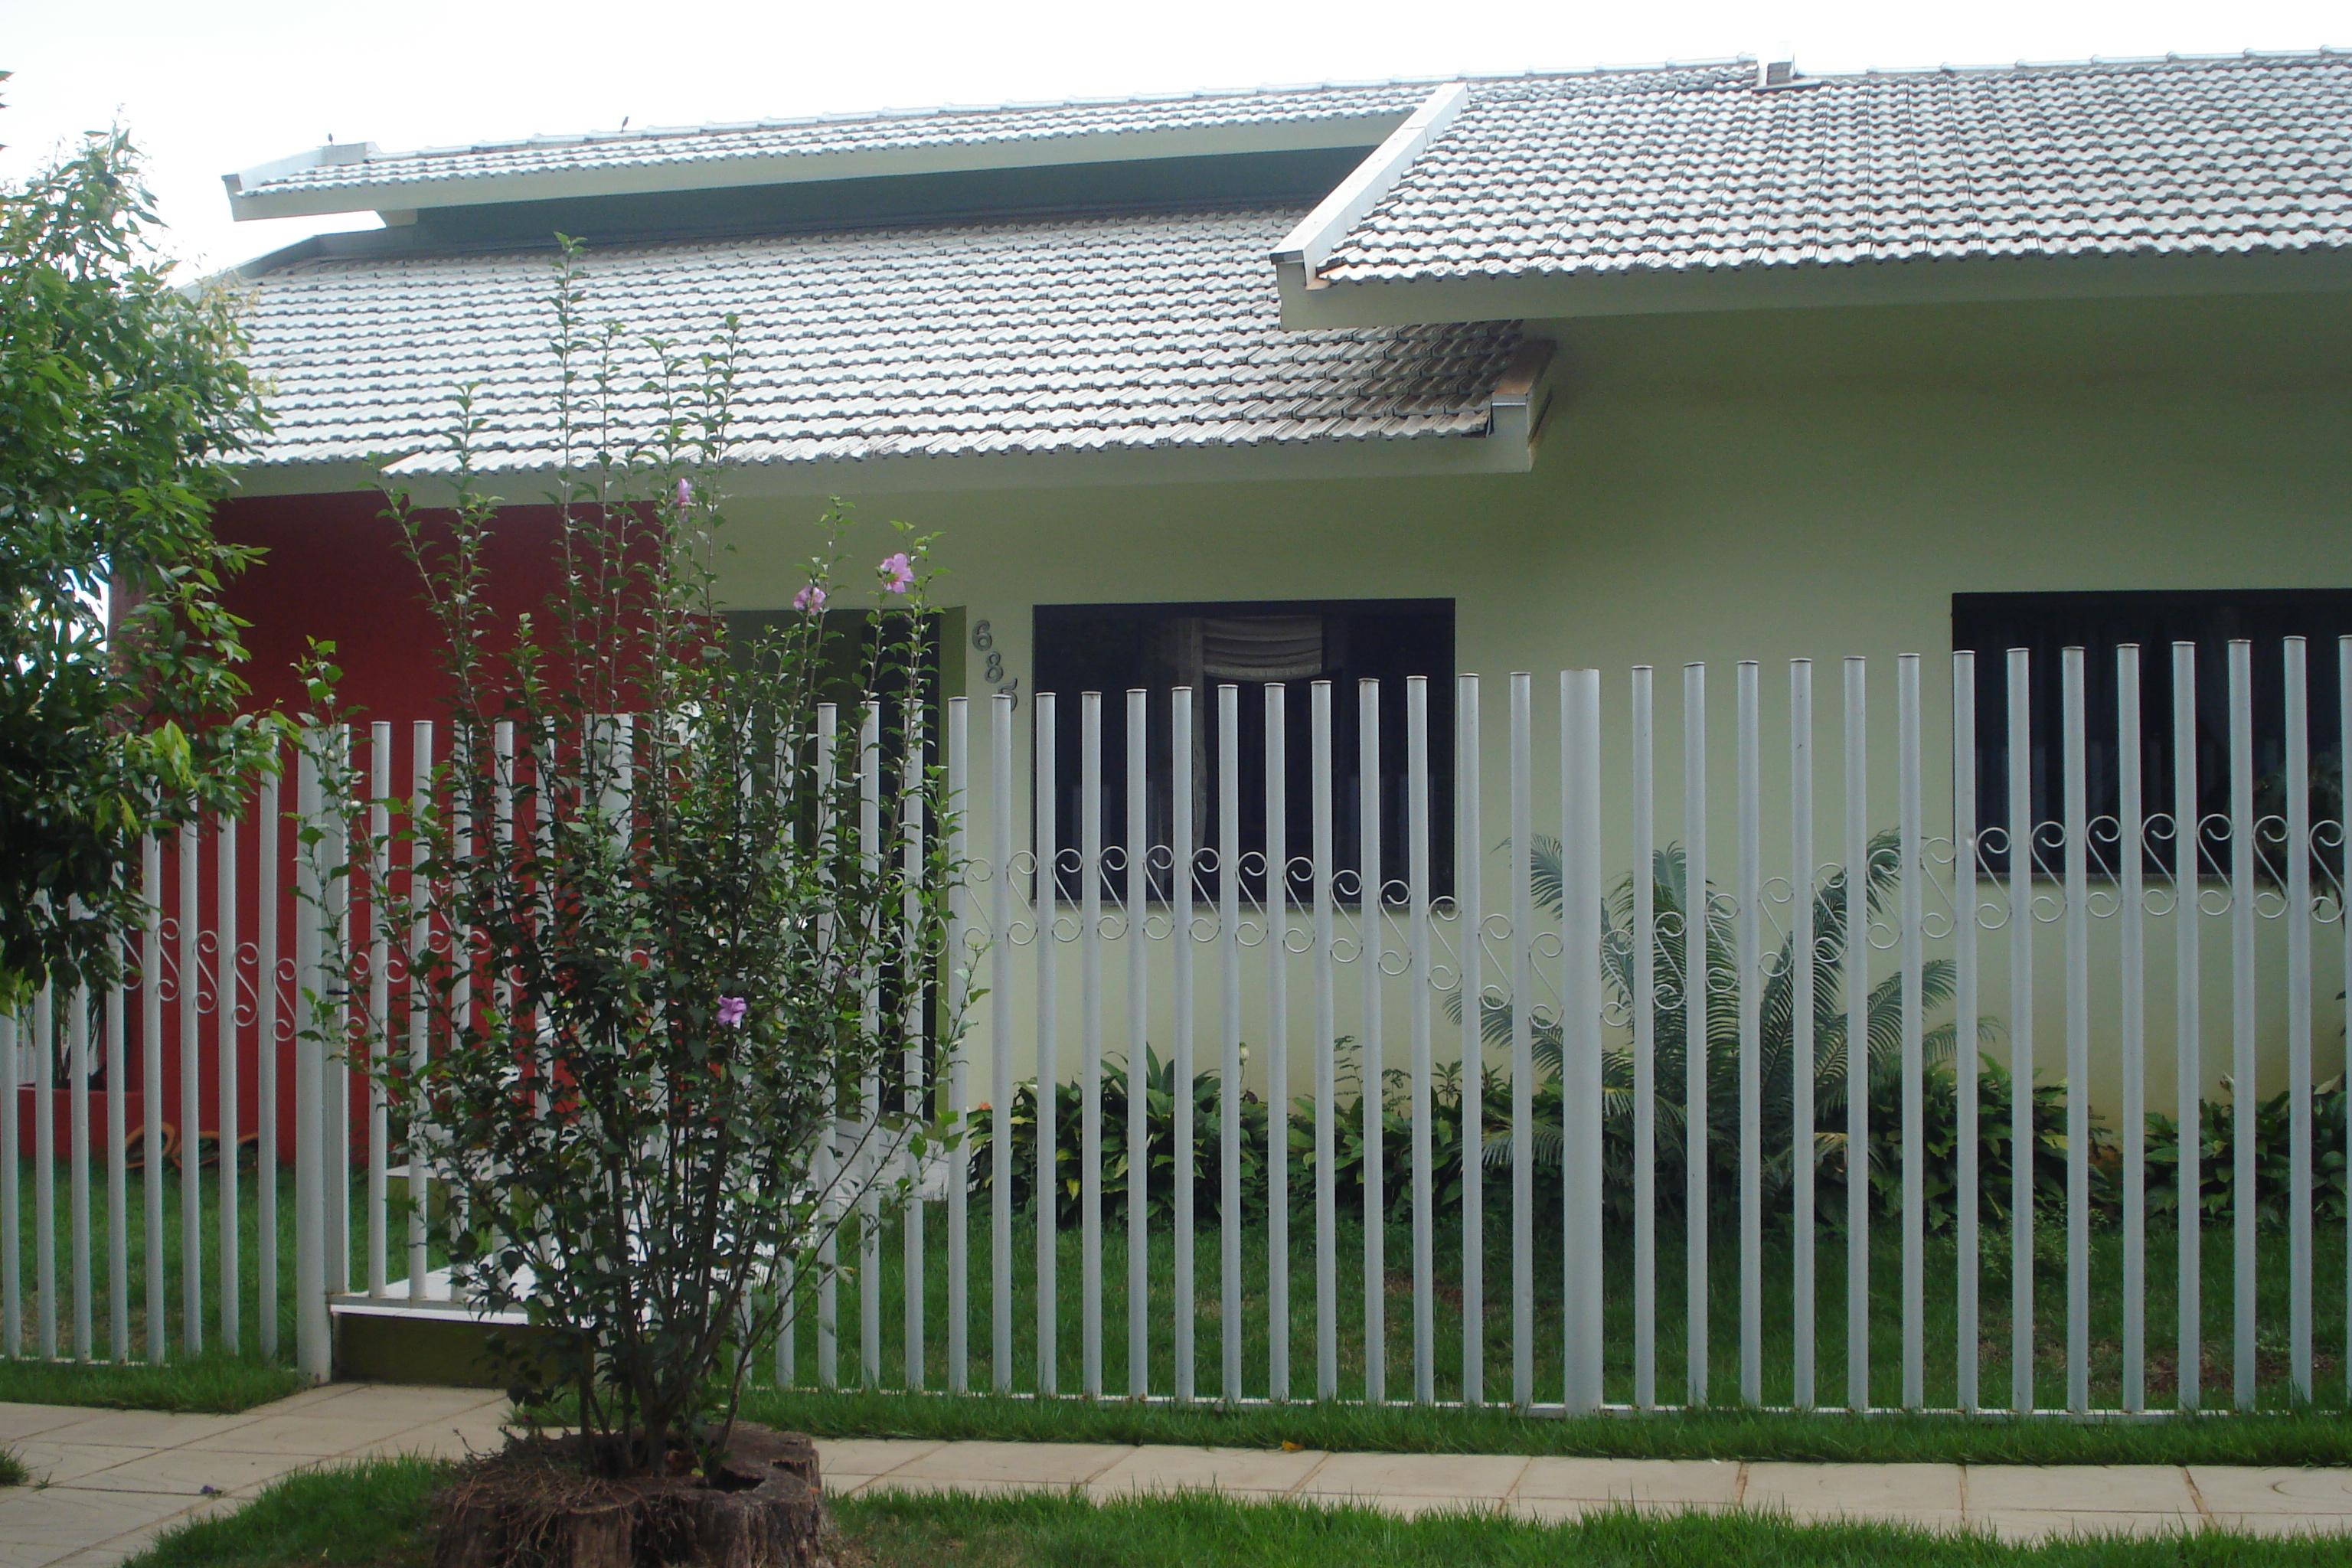 Imobiliaria Palotina #5D3634 3072x2048 Banheiro Com Banheira Metragem